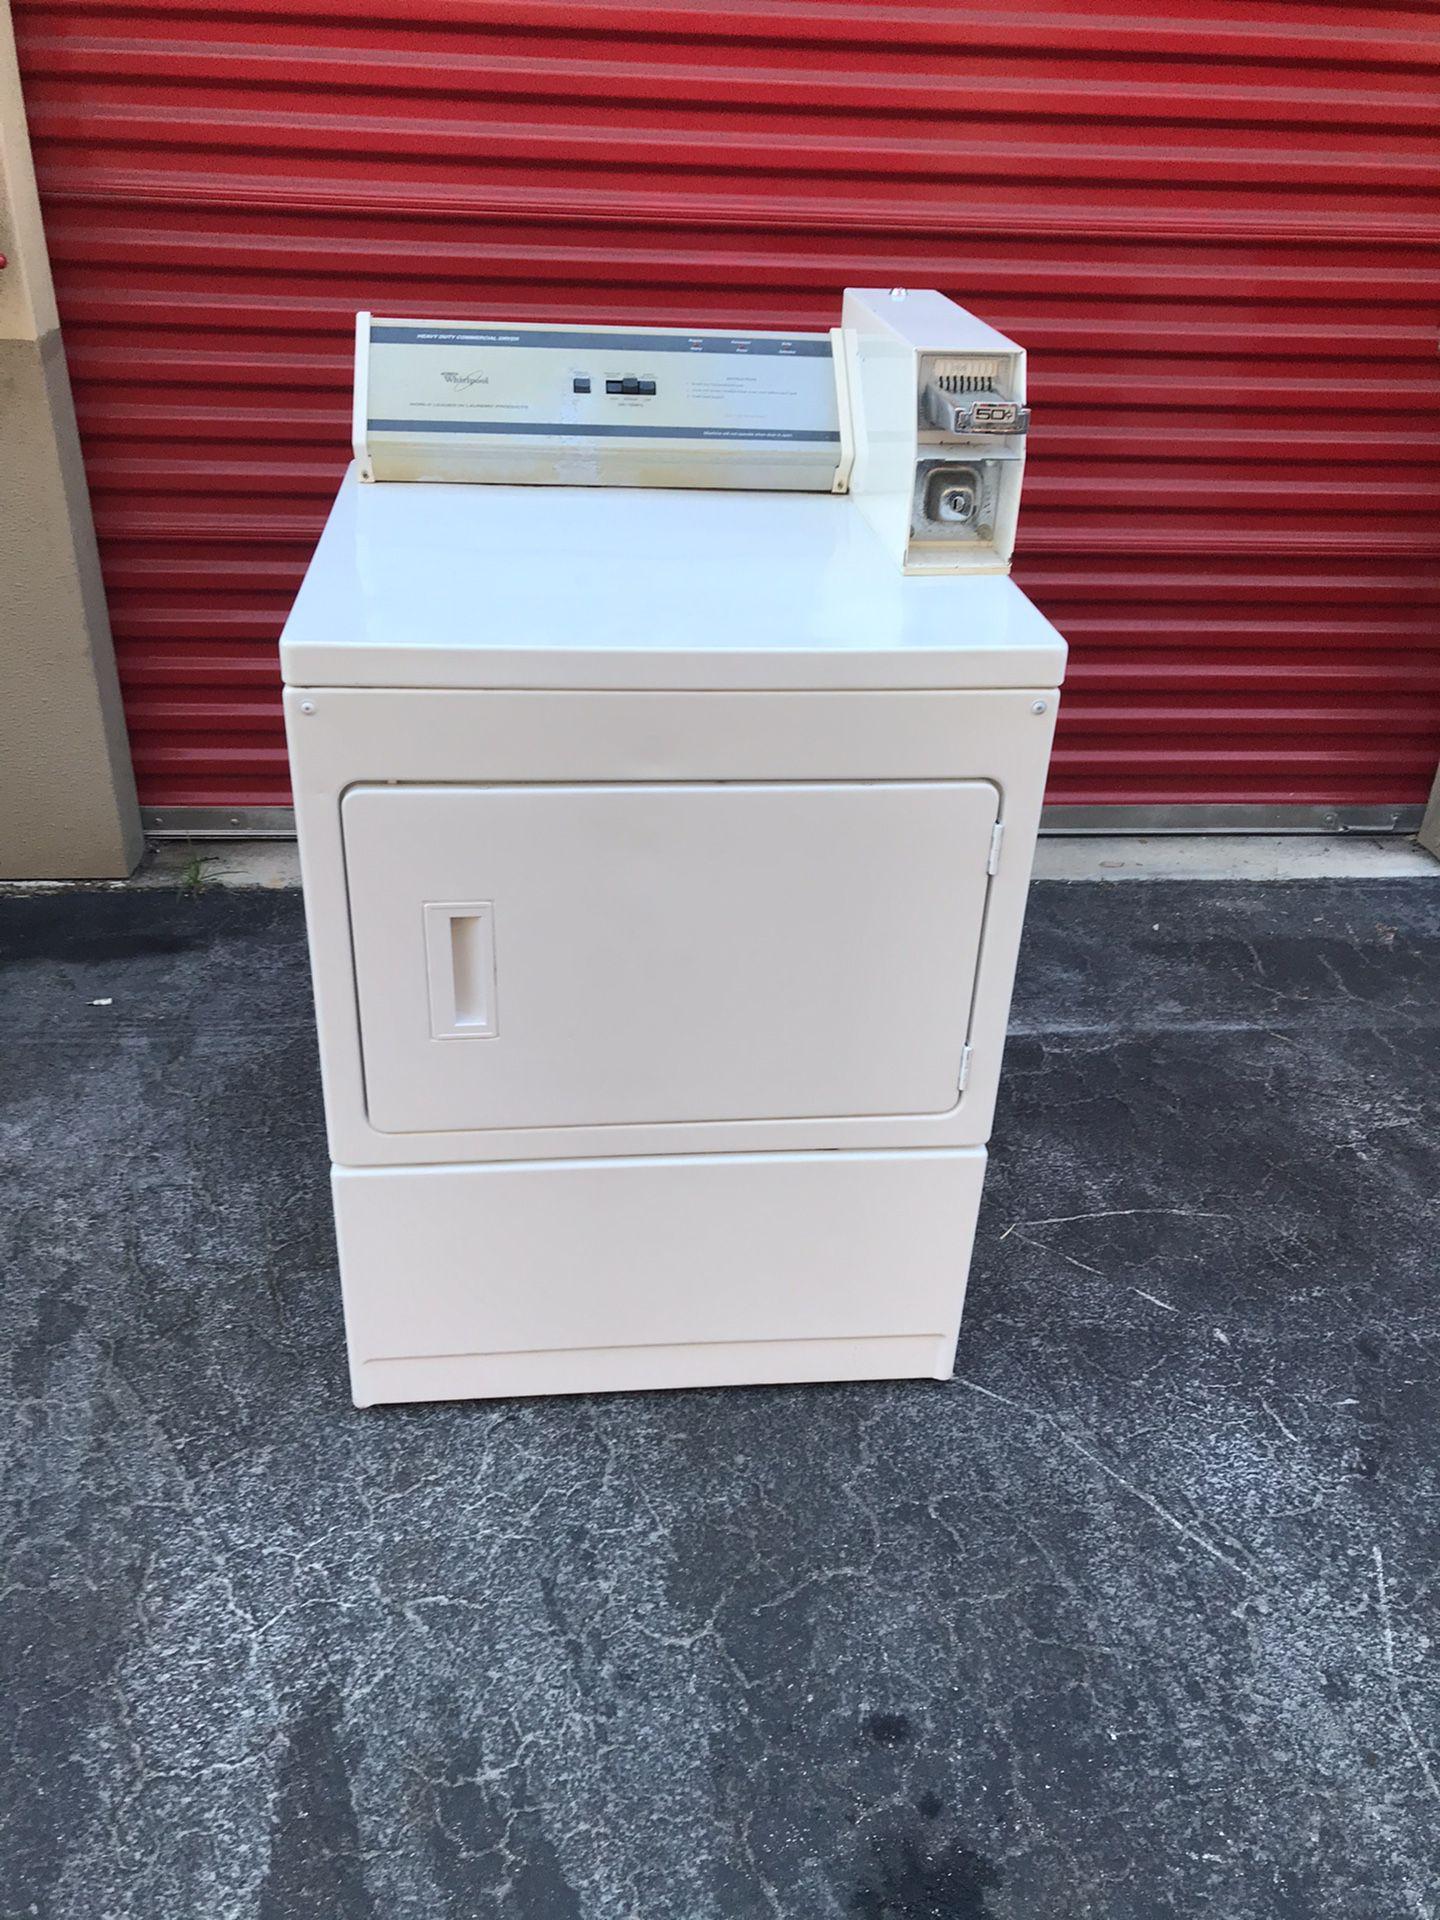 Wirpool Dryer Good Condition Everythin Works Fine